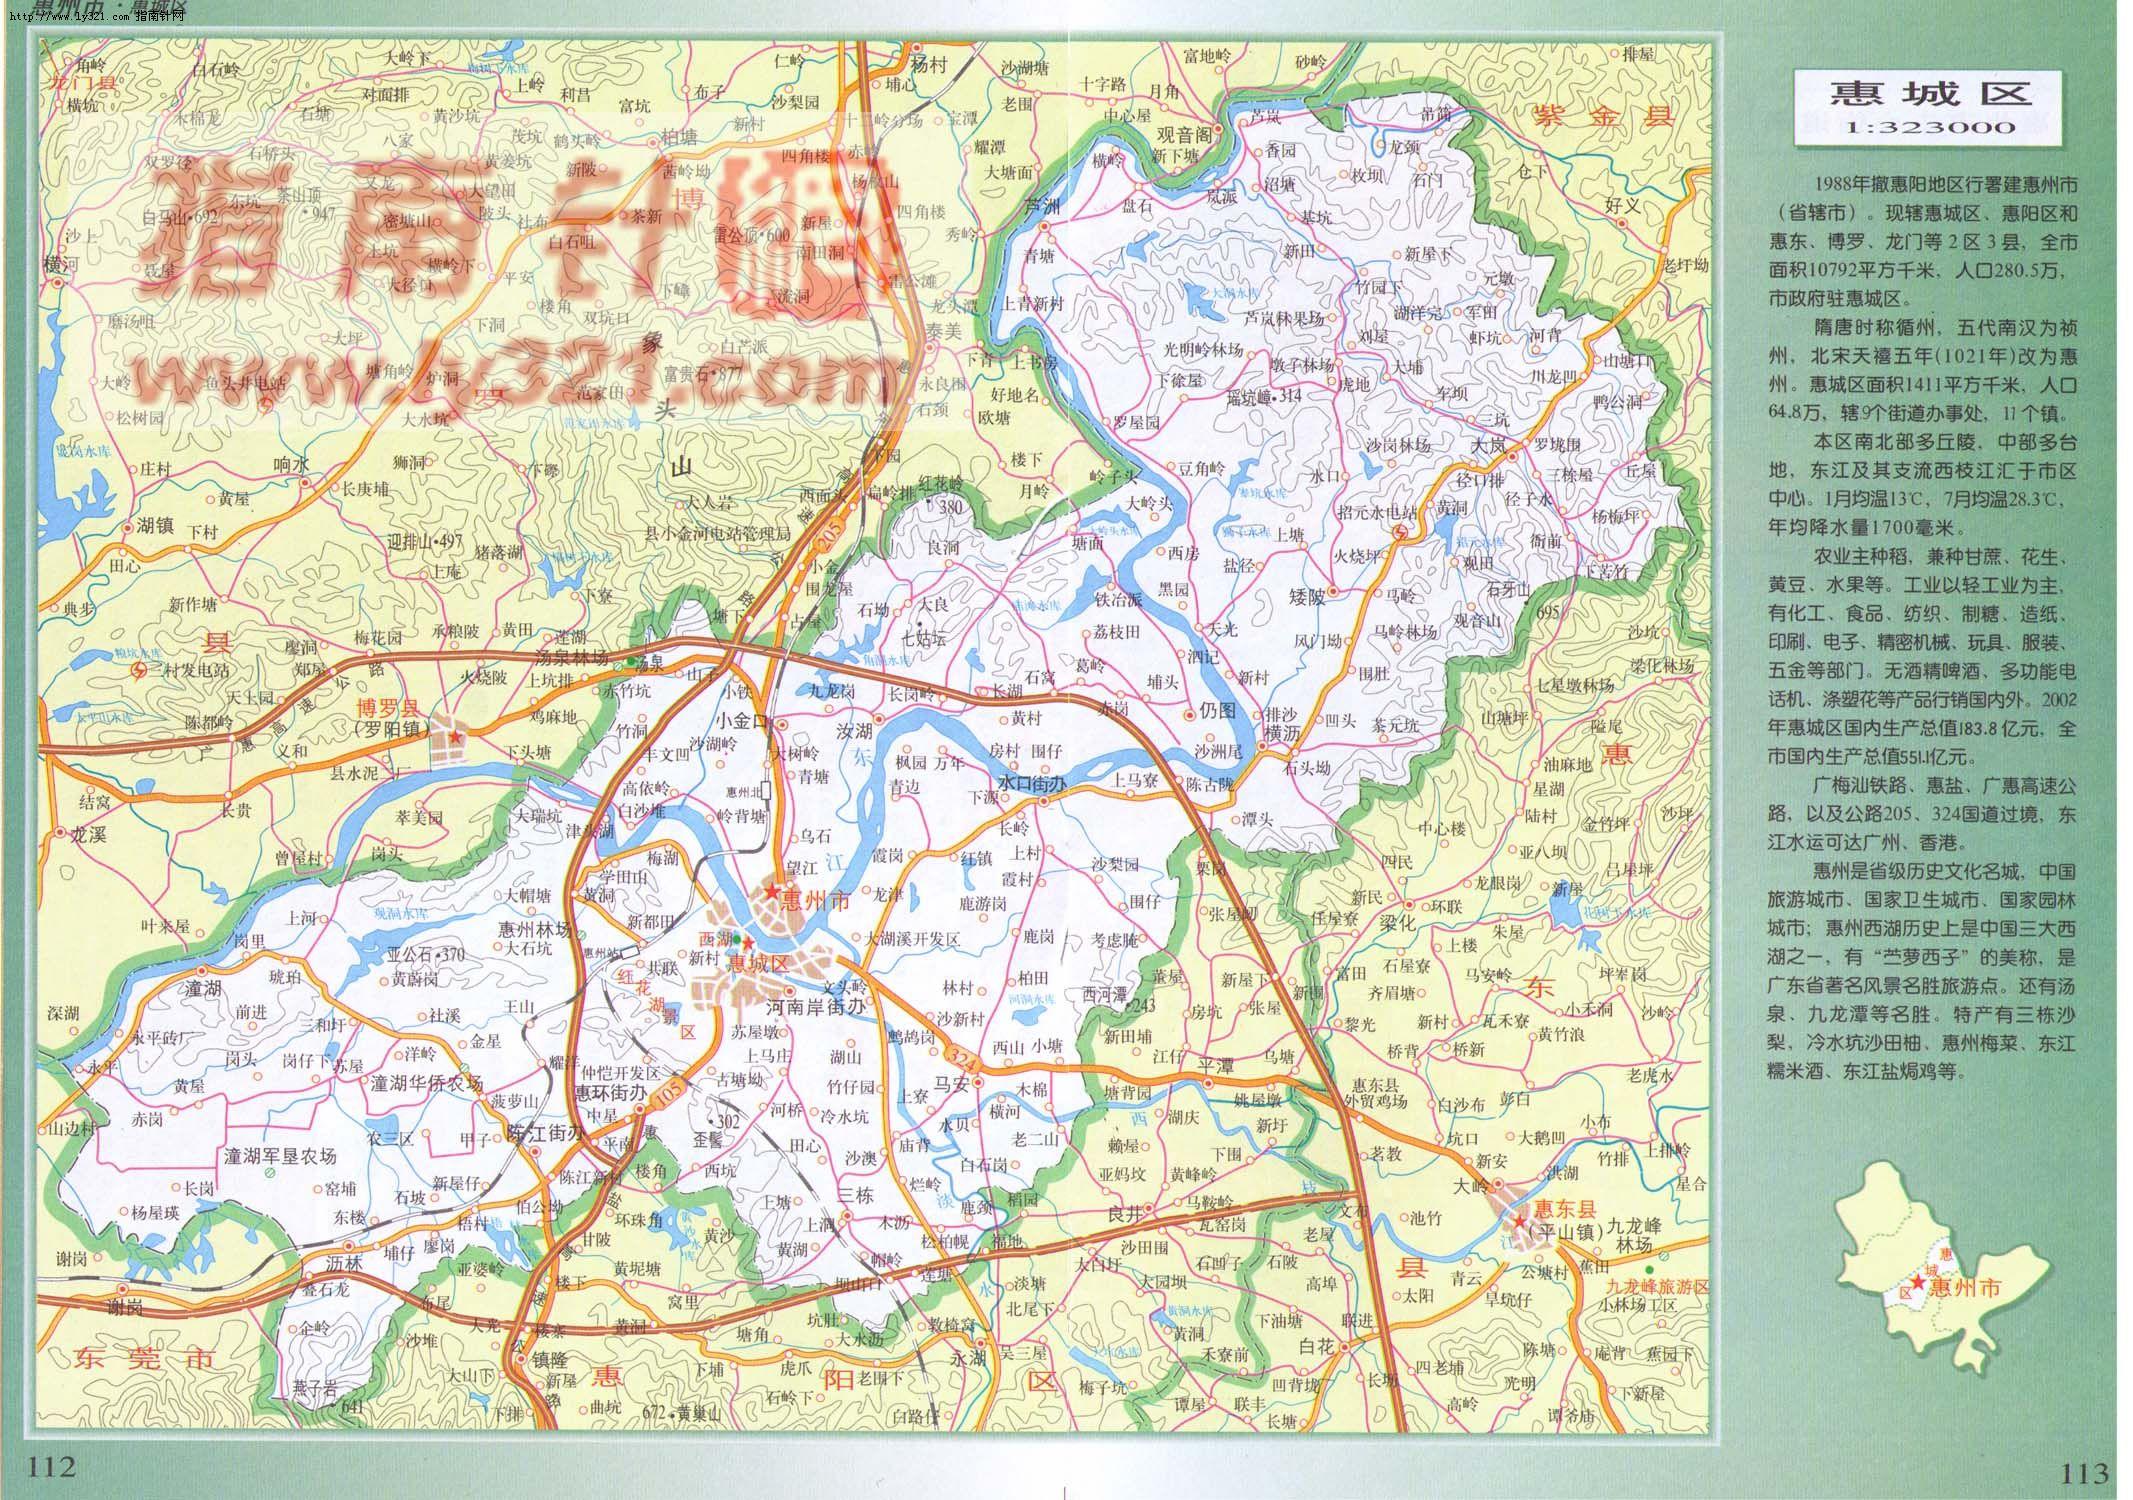 地图 广东省/广东省惠州市惠城区地图